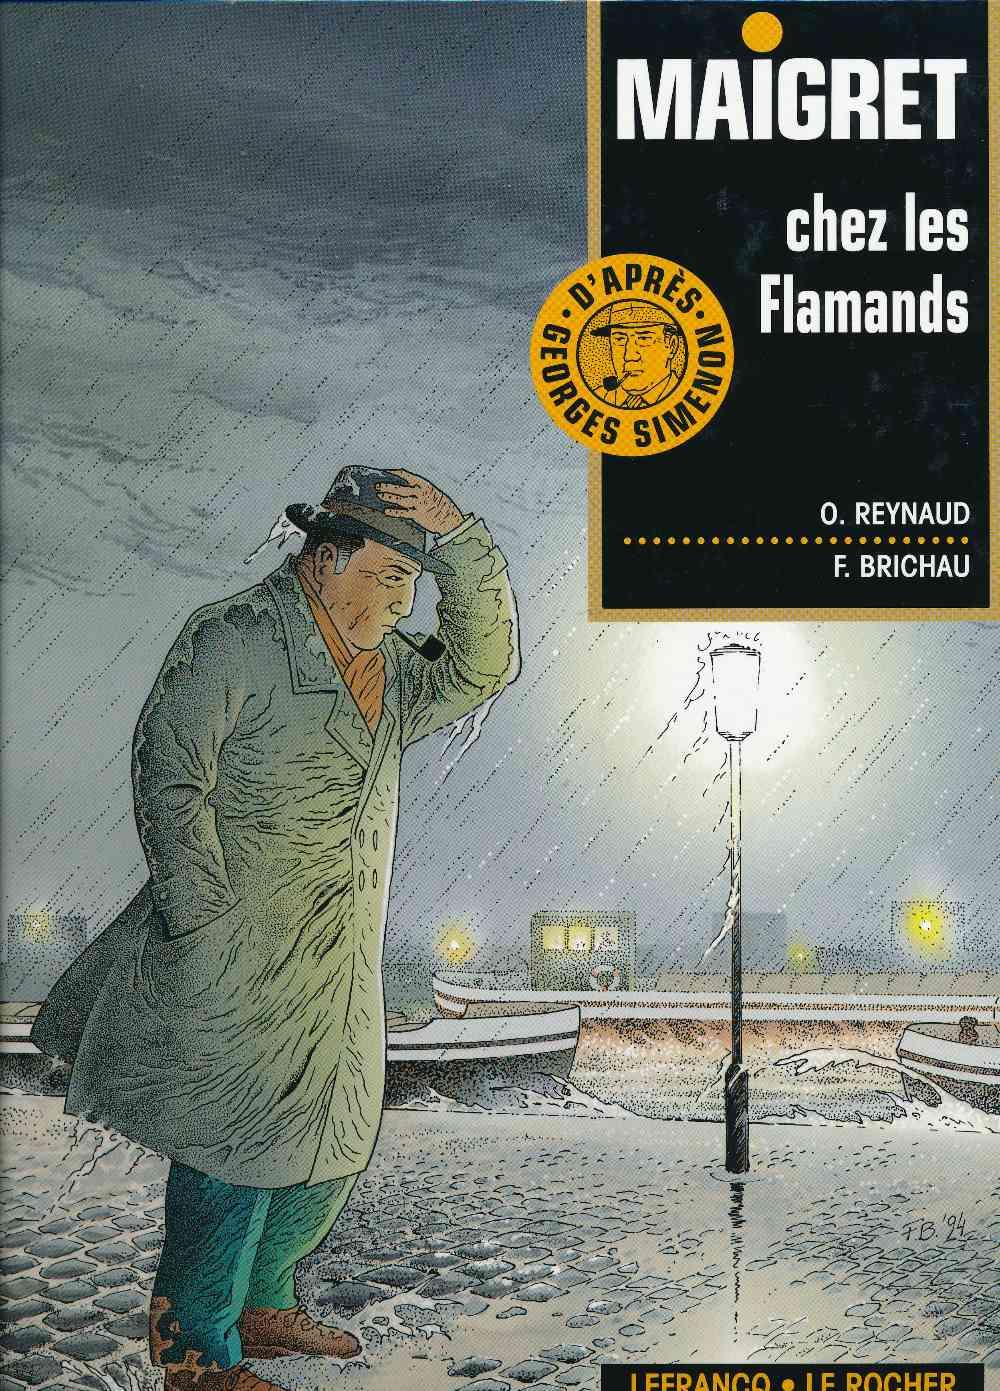 Maigret chez les Flamands